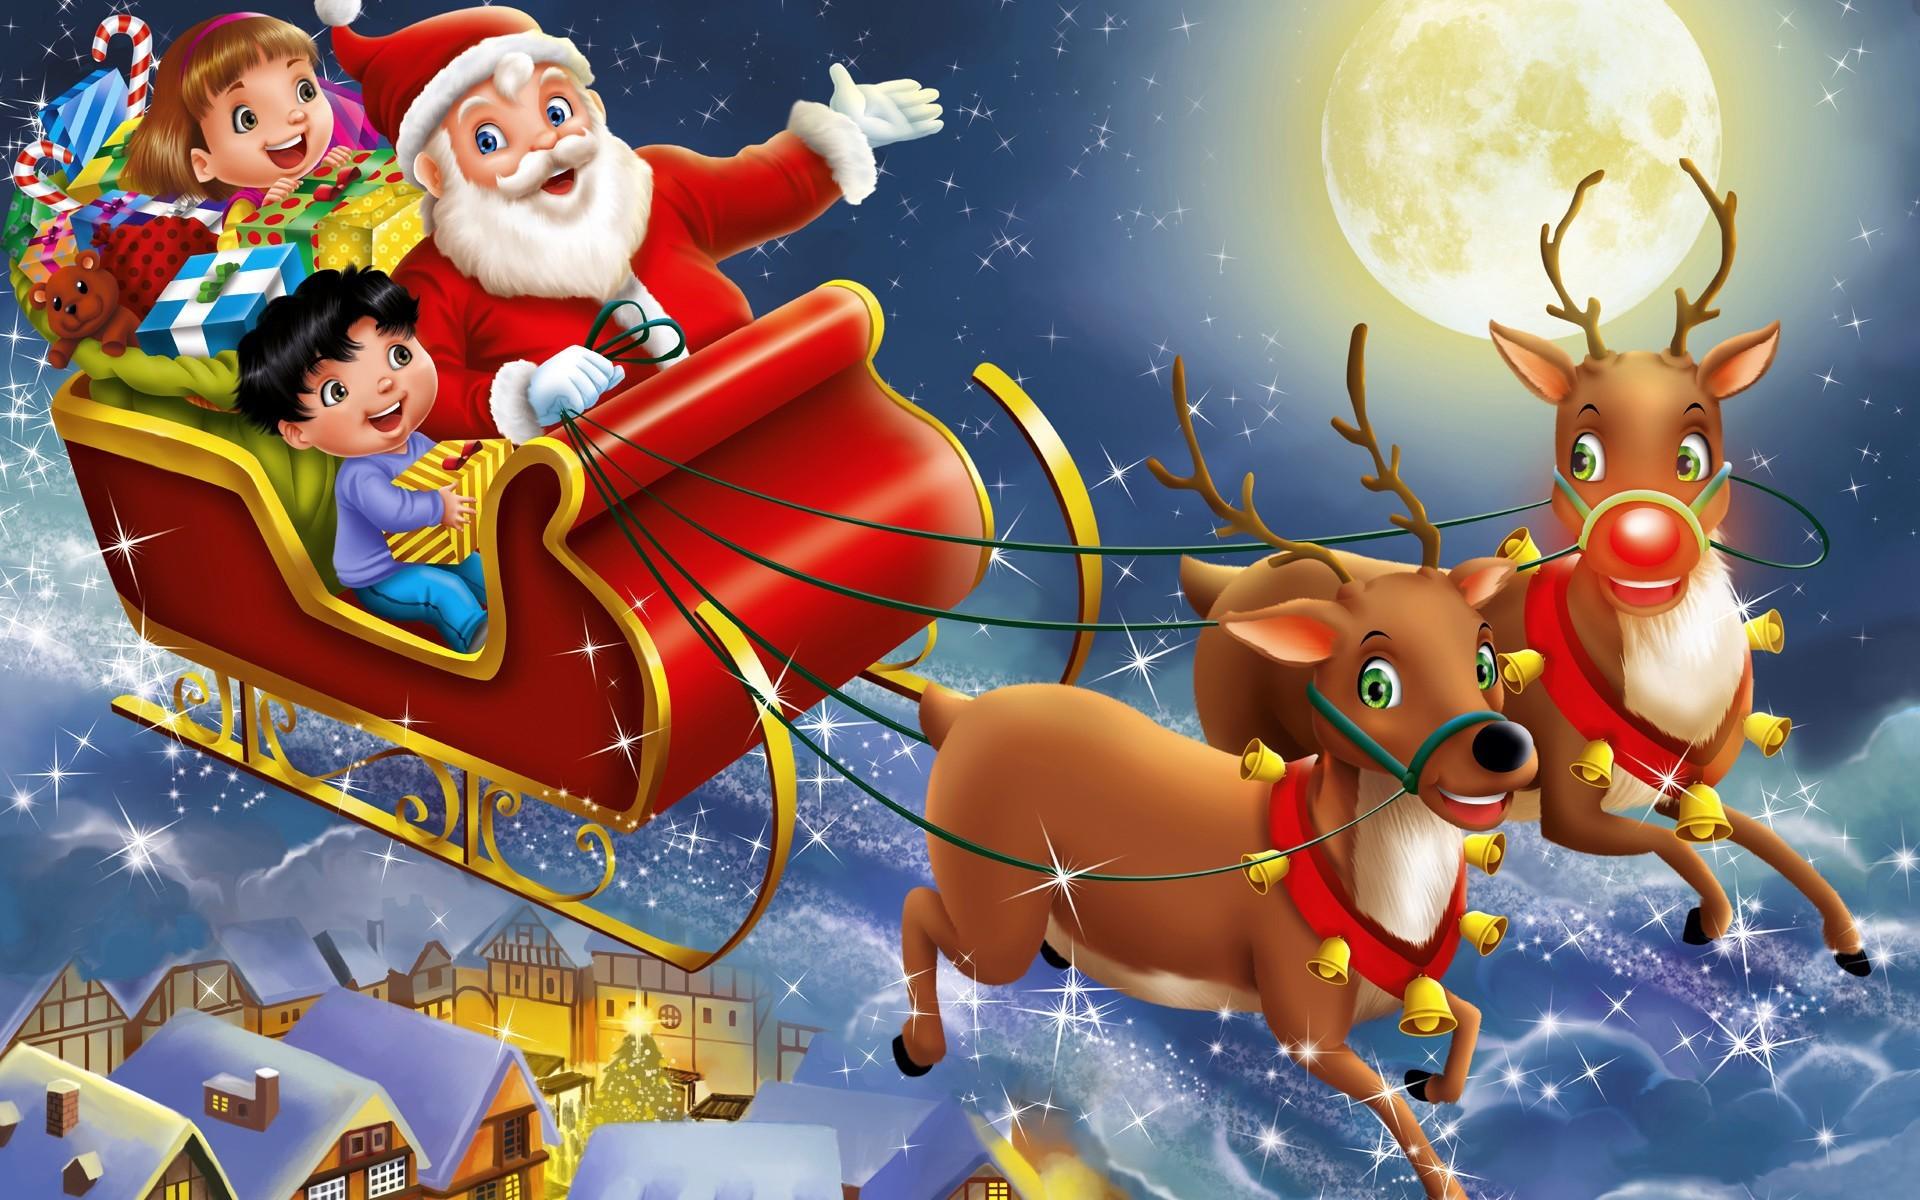 Санта клаус с детьми на оленях - C Рождеством Христовым поздравительные картинки